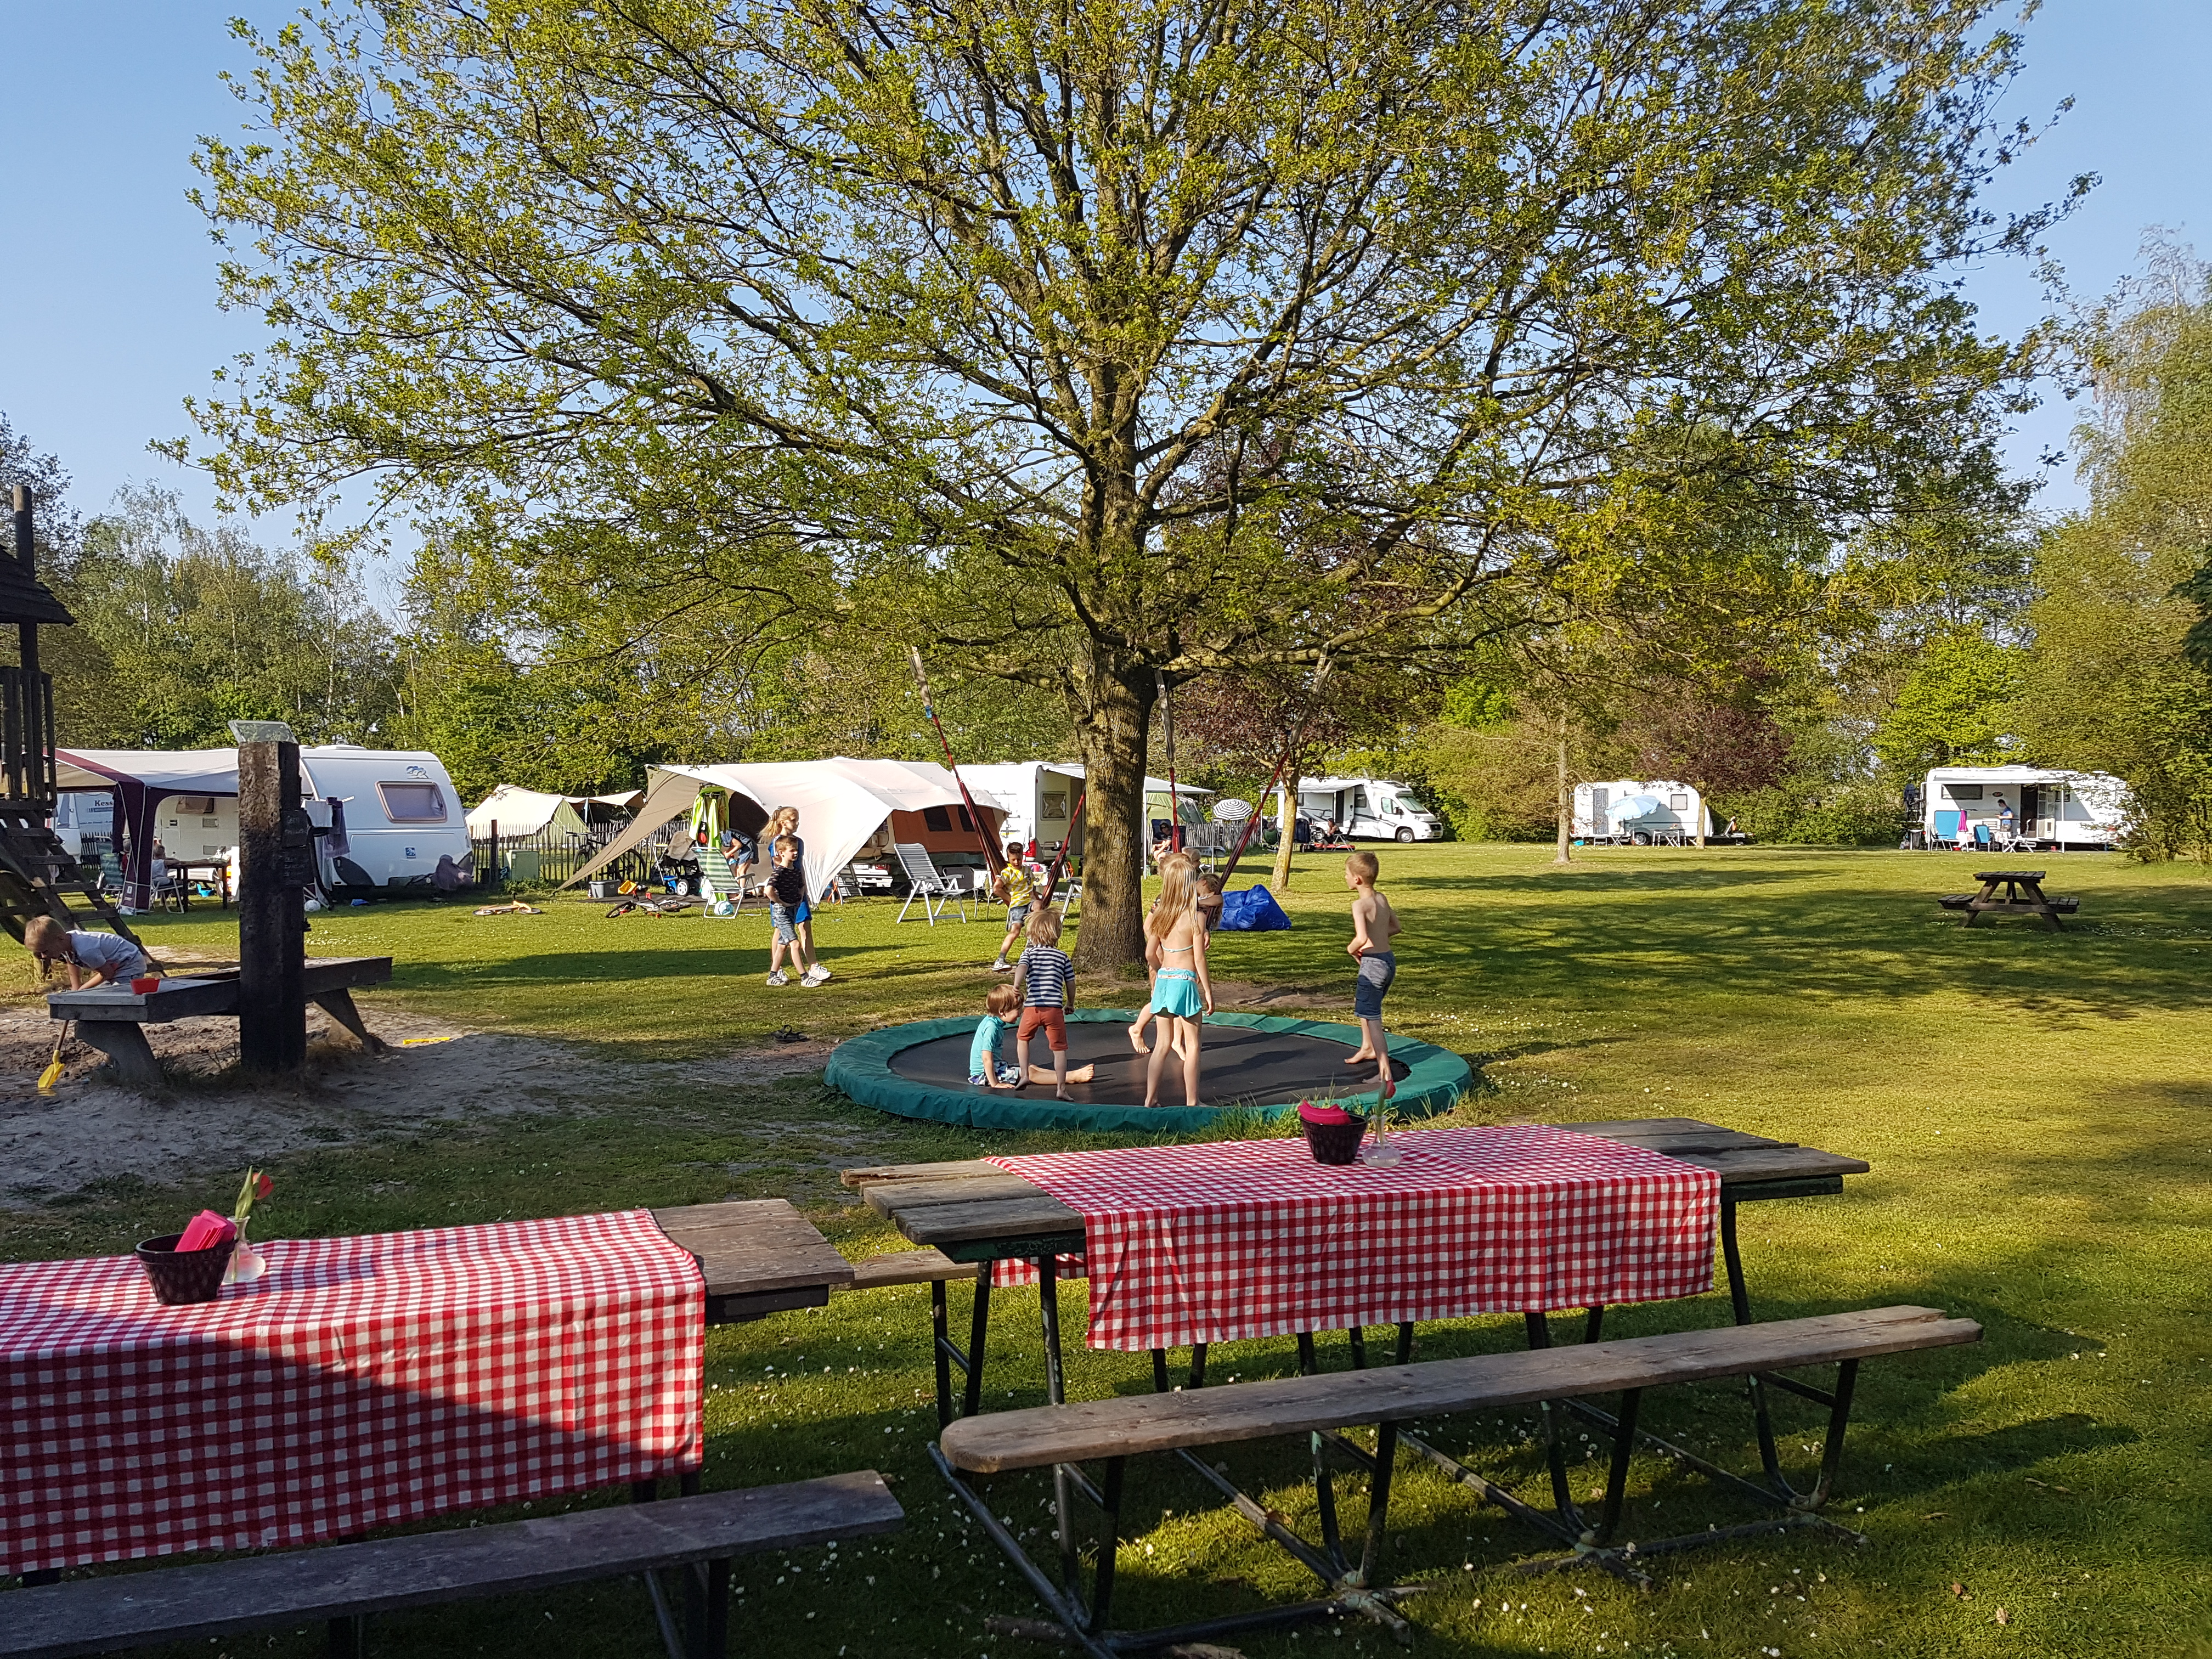 Aanschuiftafels op het kampeerterrein bij de speeltuin